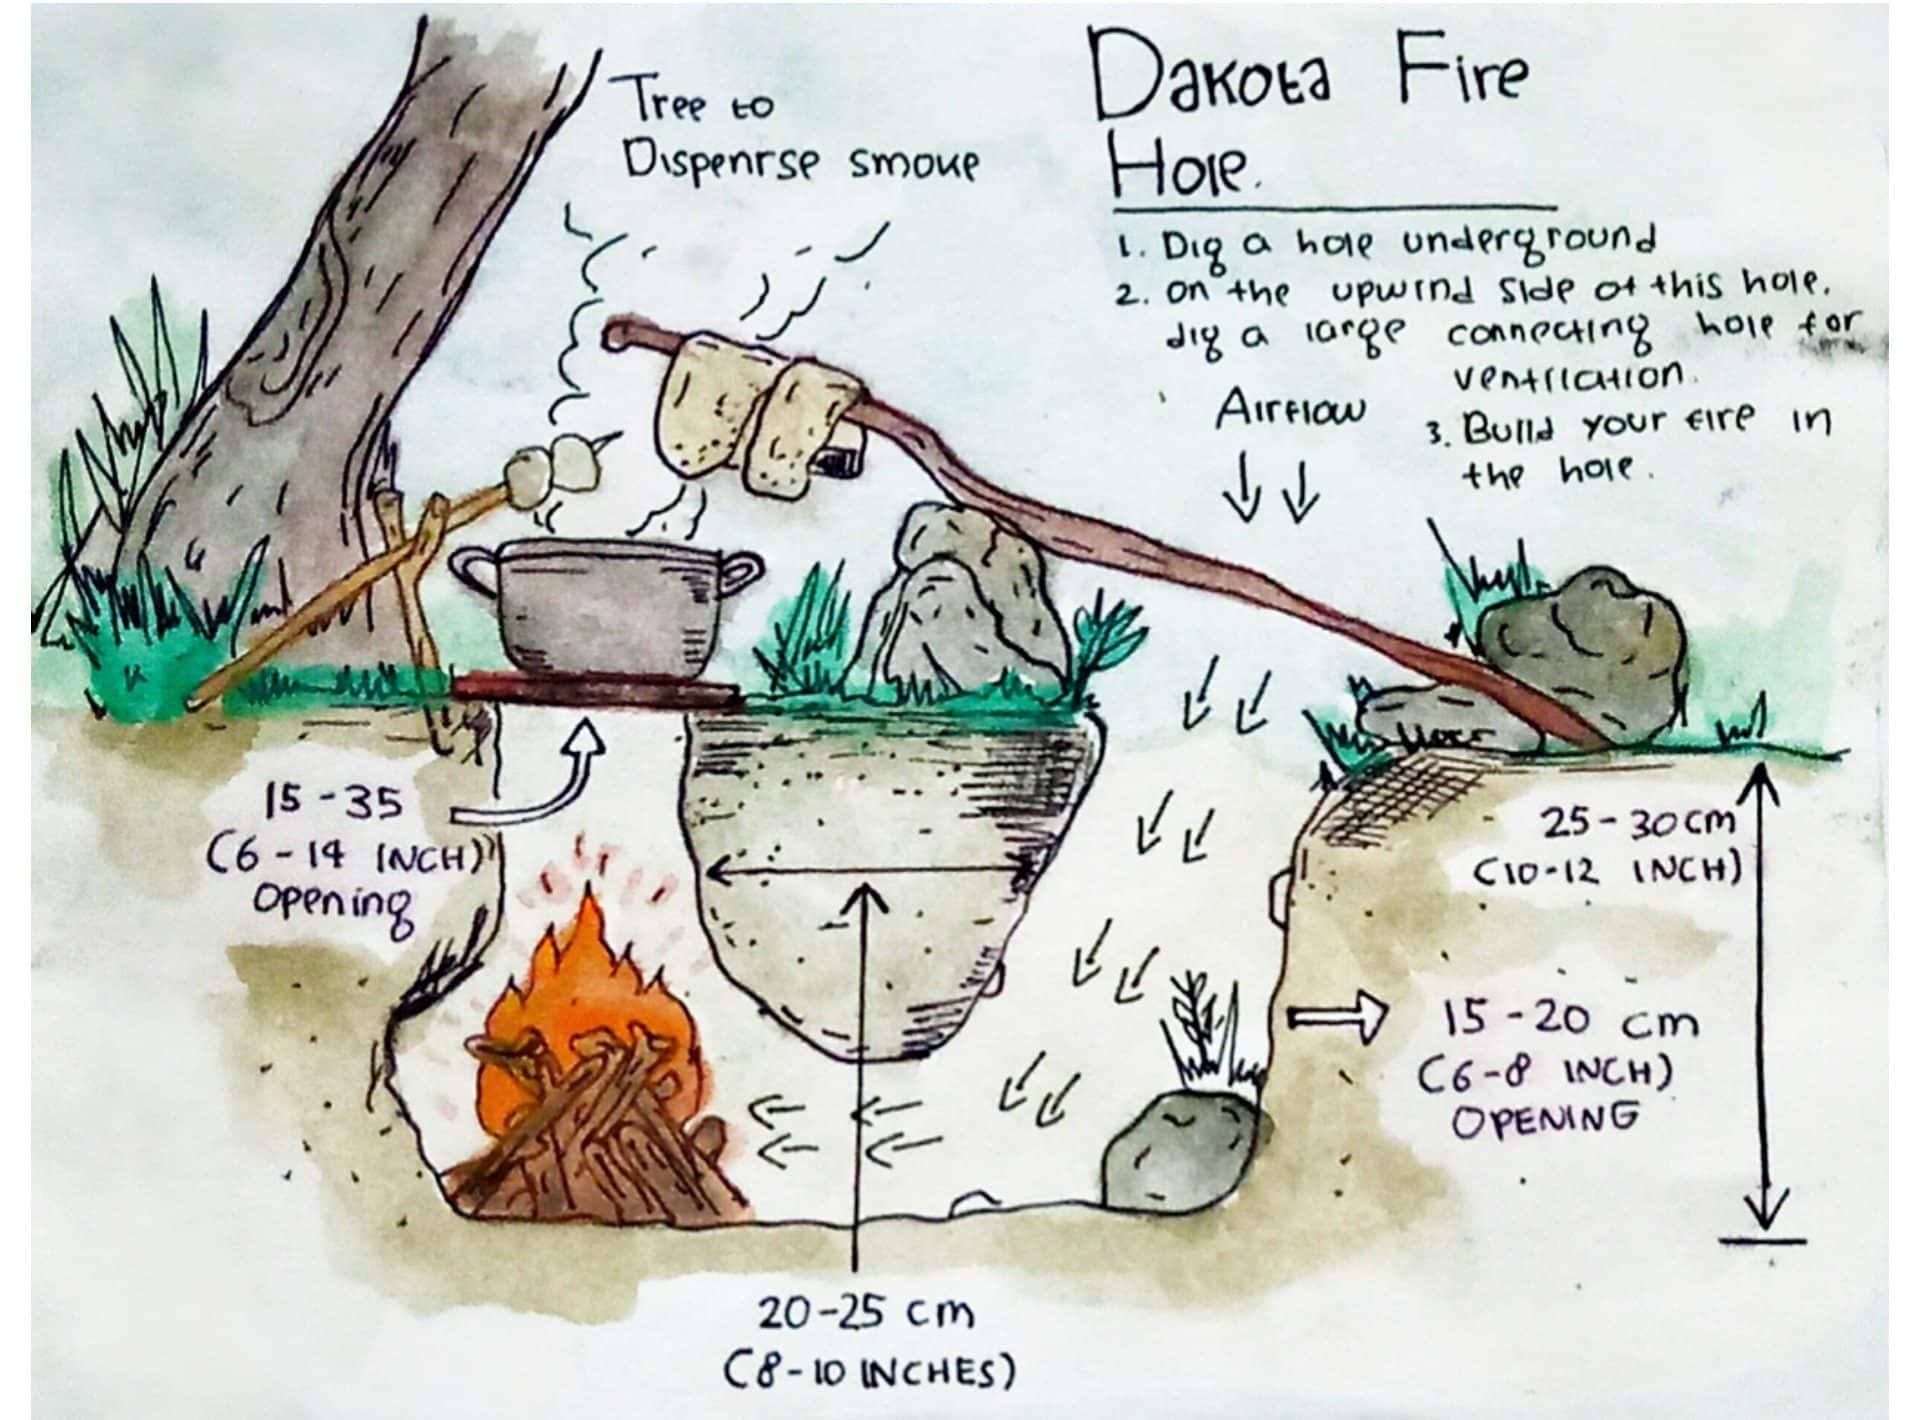 Dakota Fire Pit